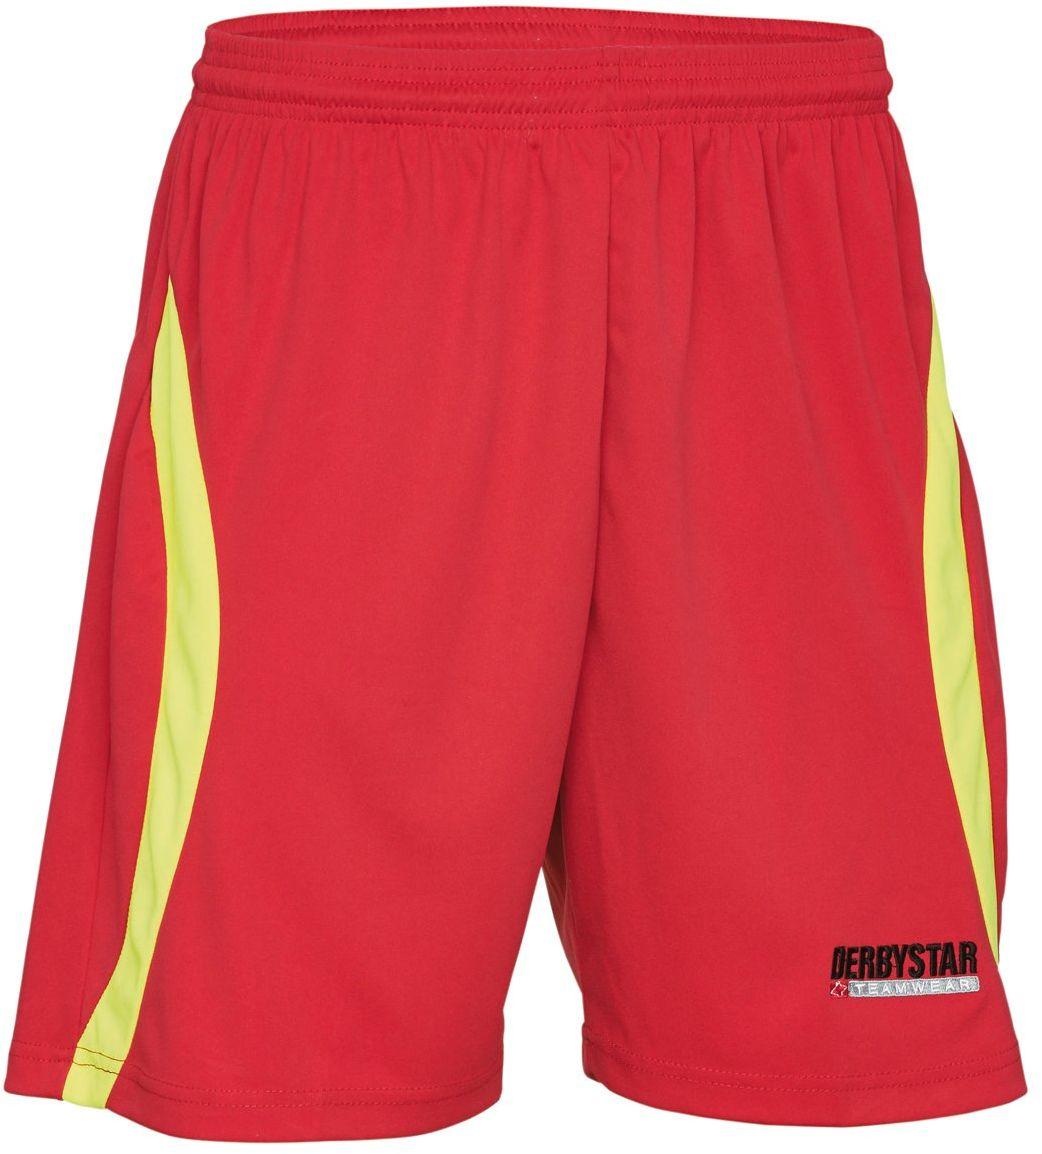 Derbystar Spodnie bramkarskie Akando, XXL, czerwone żółte, 6627070350